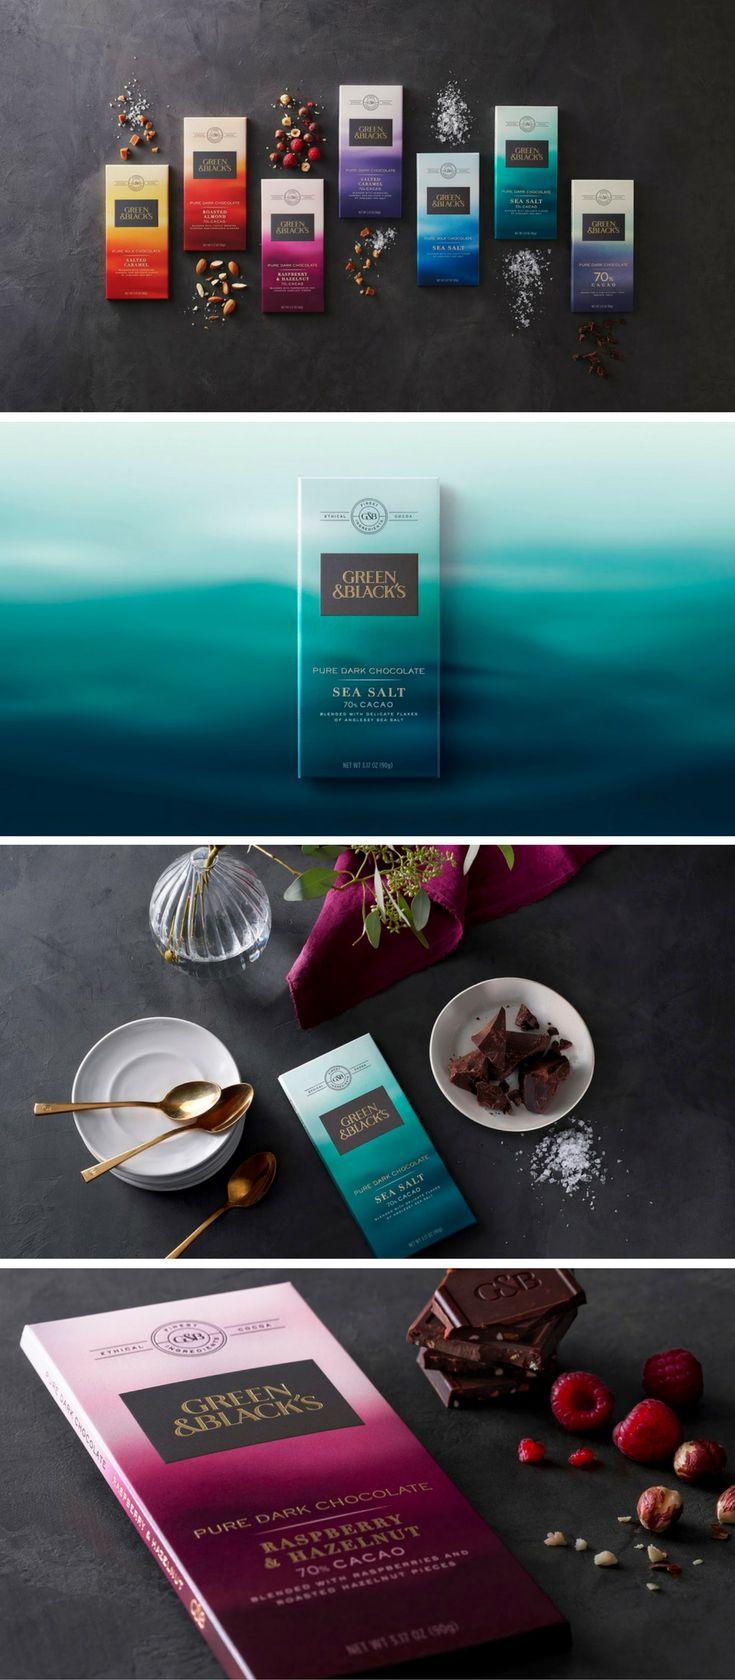 Green & Black's chocolate packaging by Bulletproof